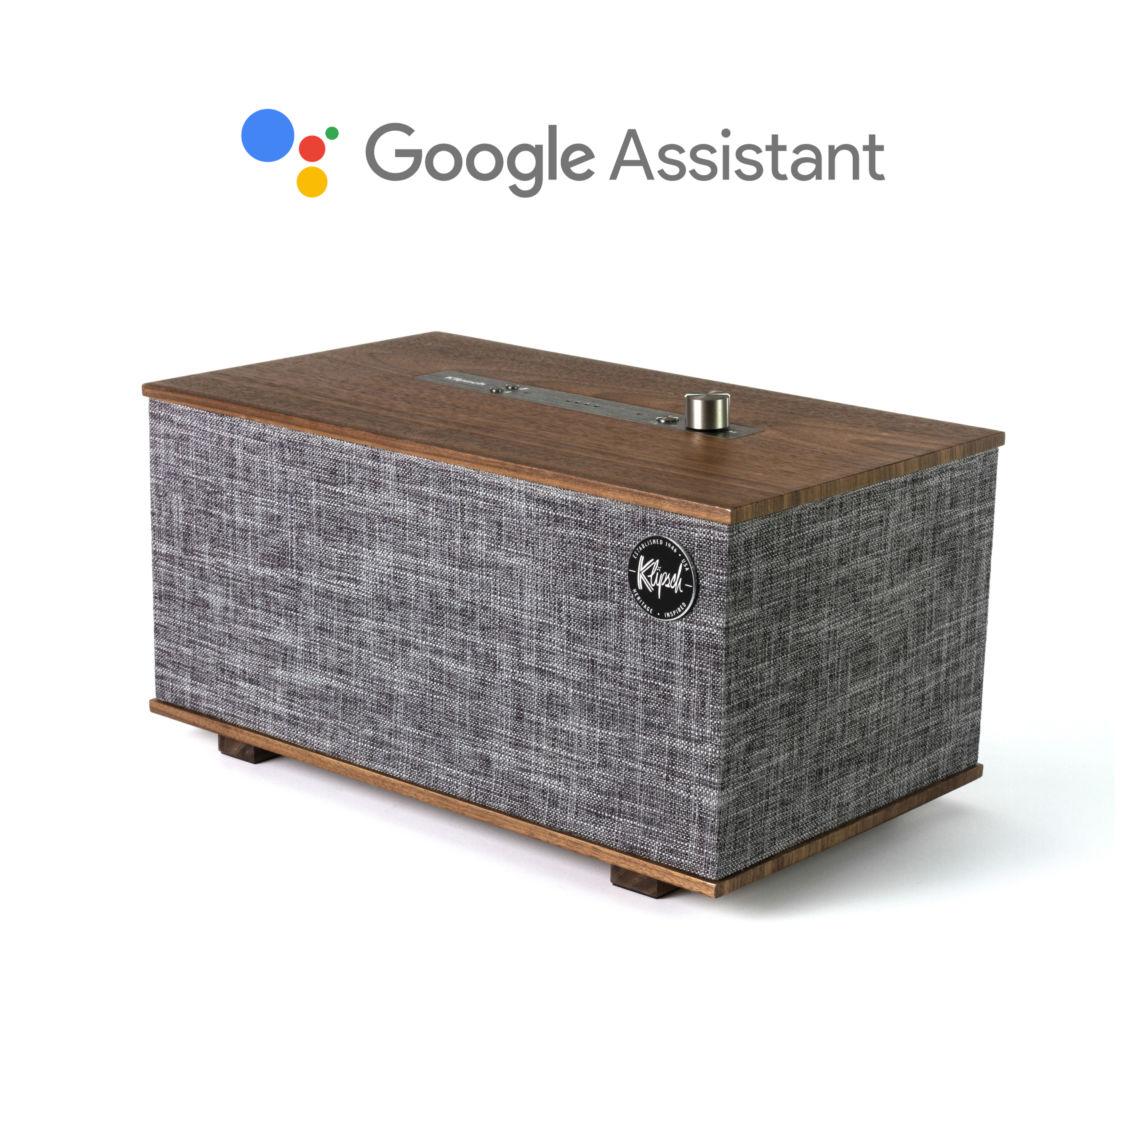 Loa Bluetooth KLIPSCH THE THREE WITH GOOGLE ASSISTANT - Hàng chính hãng